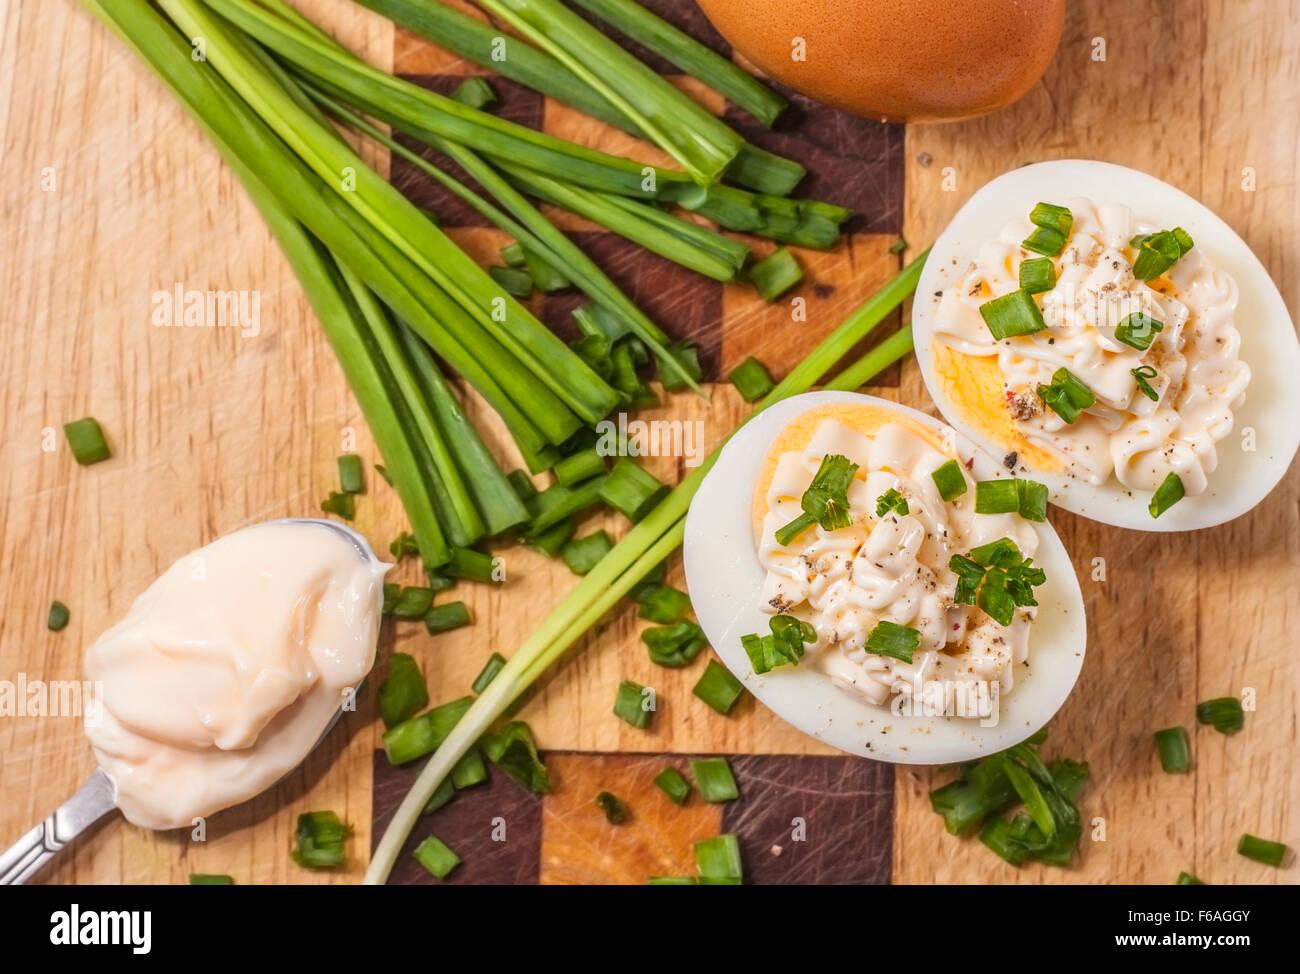 Les deux moitiés d'œufs durs avec la mayonnaise et la ciboulette en tranches préparé sur la coupe Banque D'Images